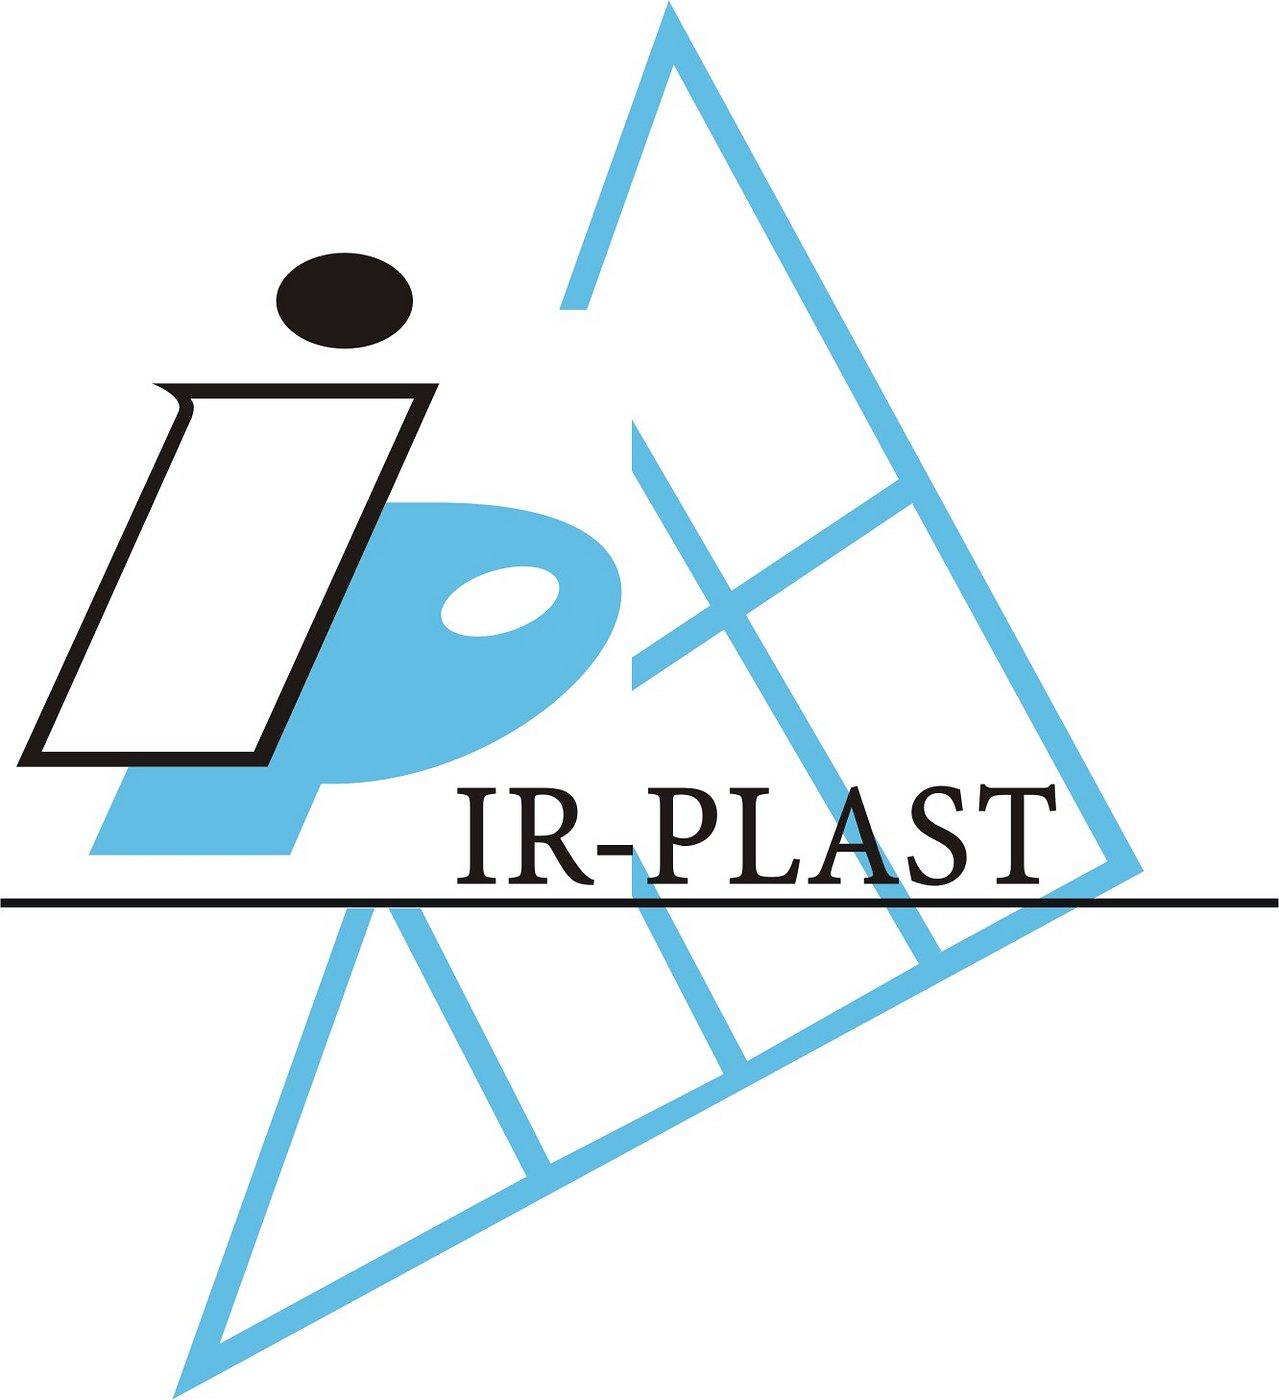 Ir-Plast